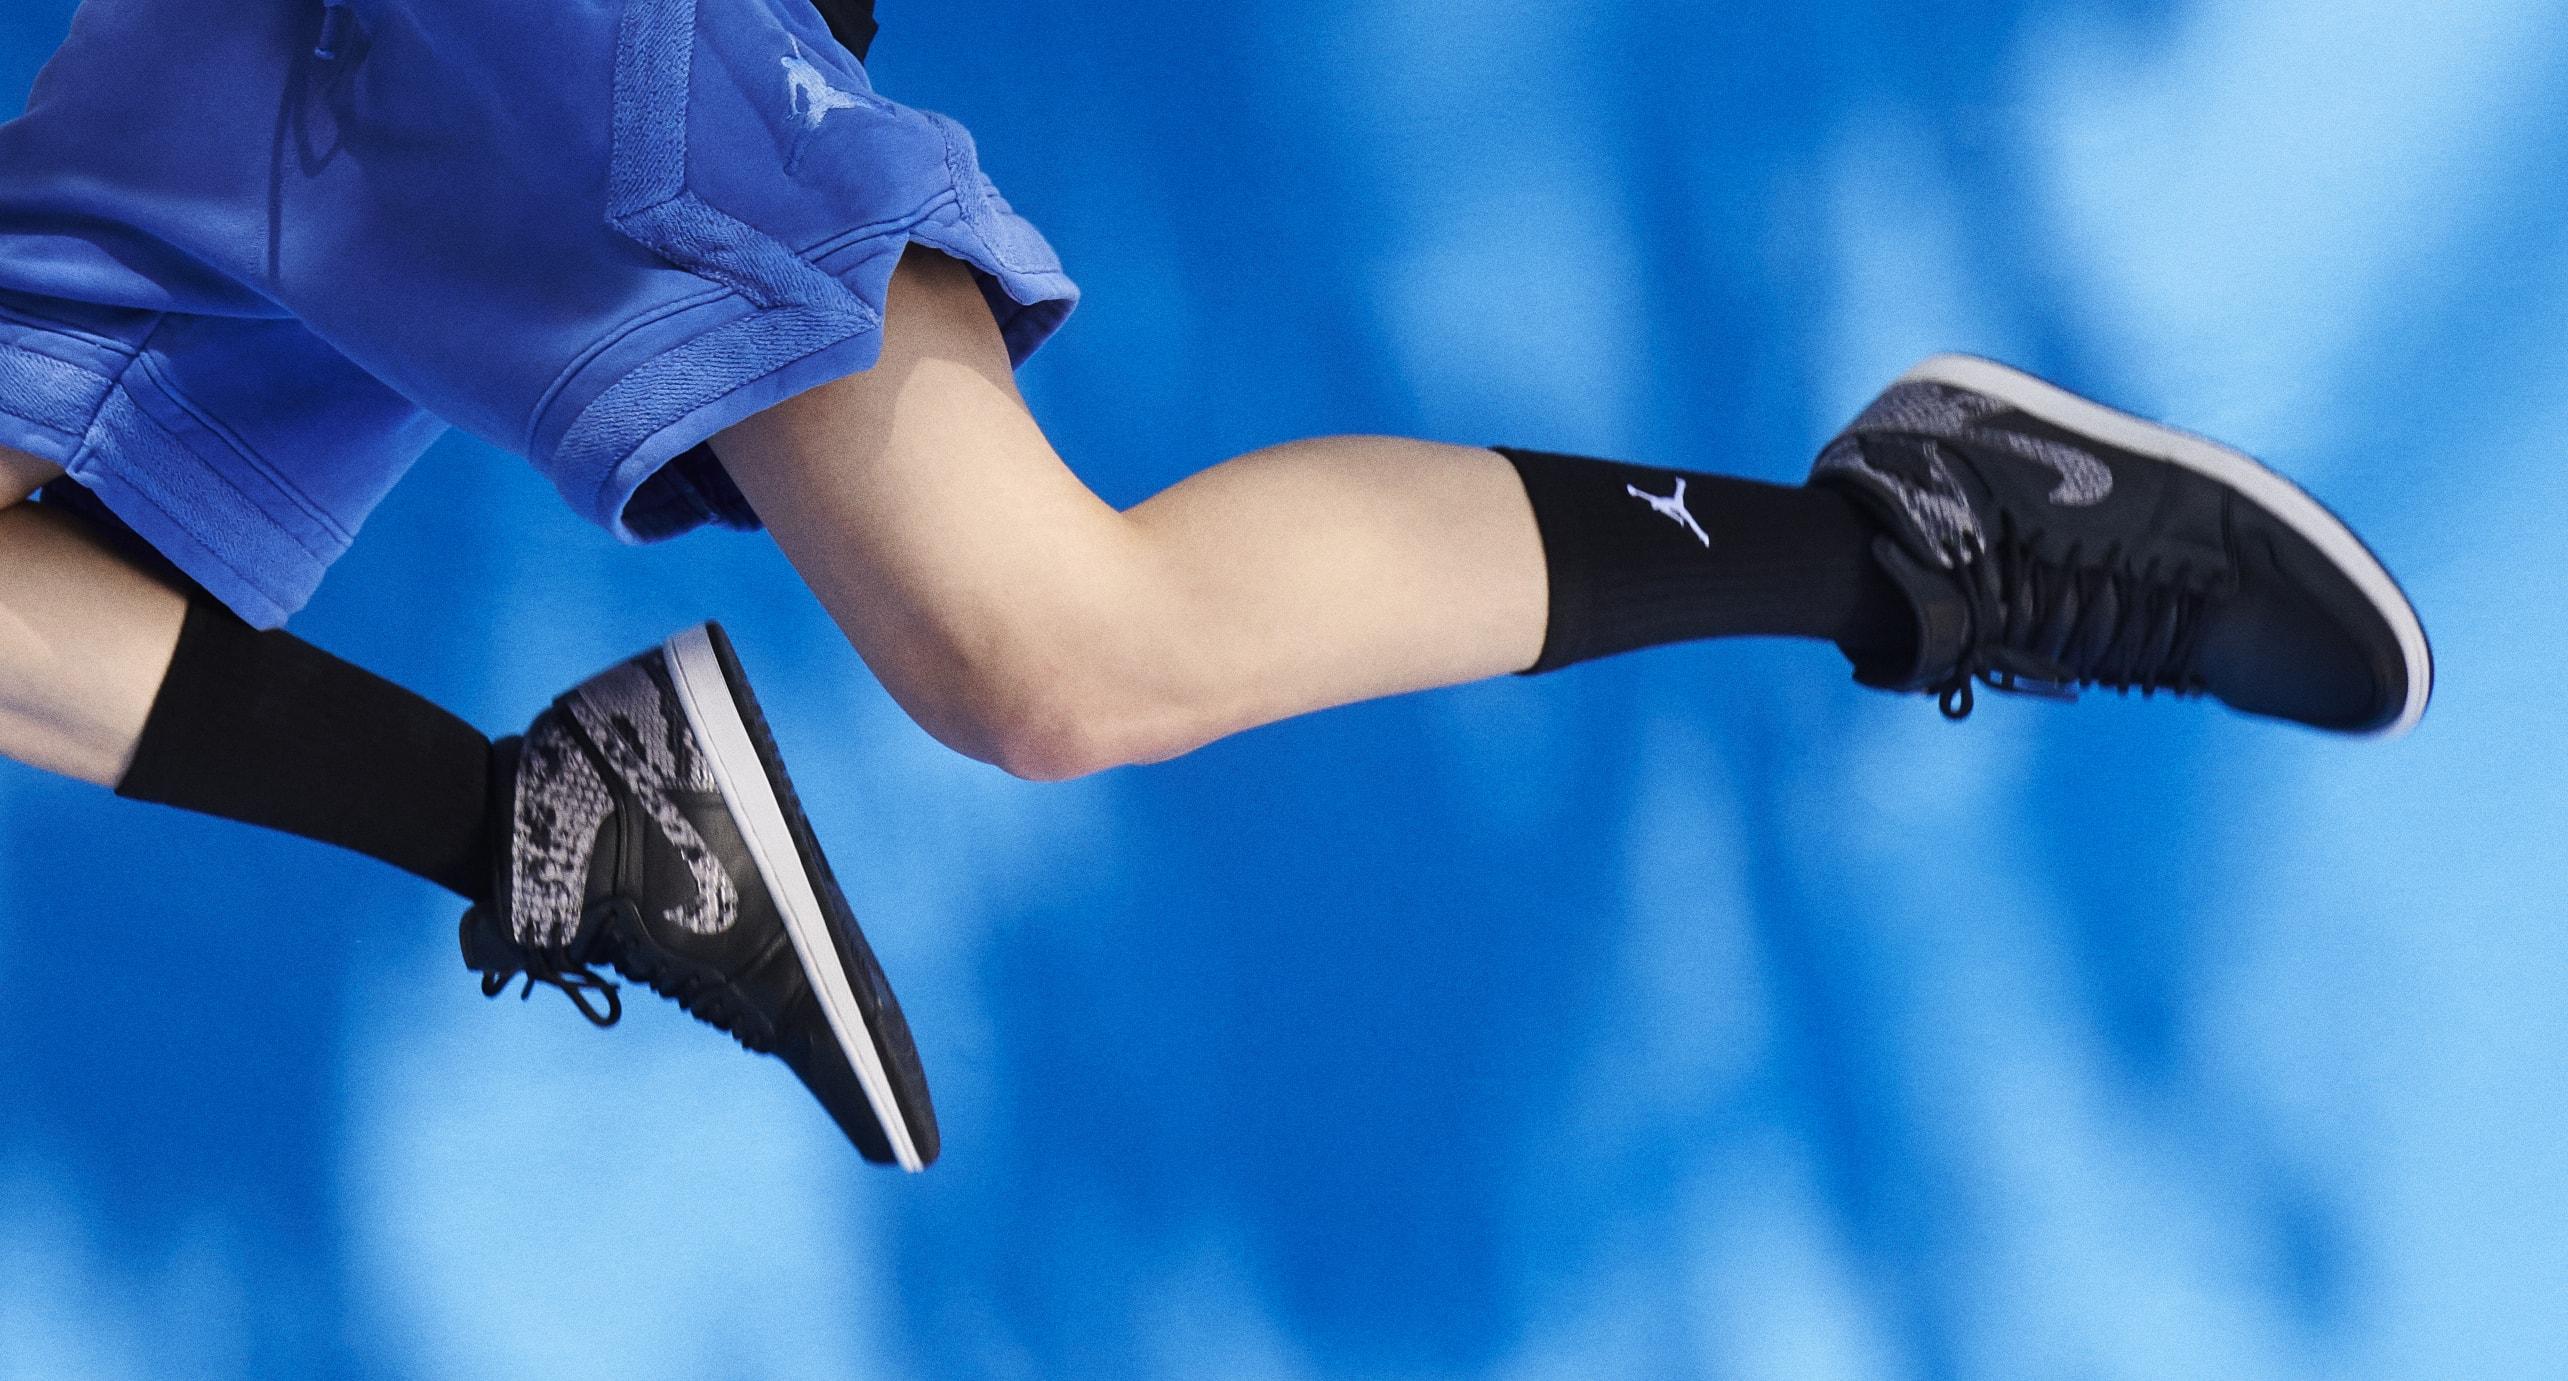 Air Jordan 1 Snakeskin 'Black/Grey' (On-Foot)